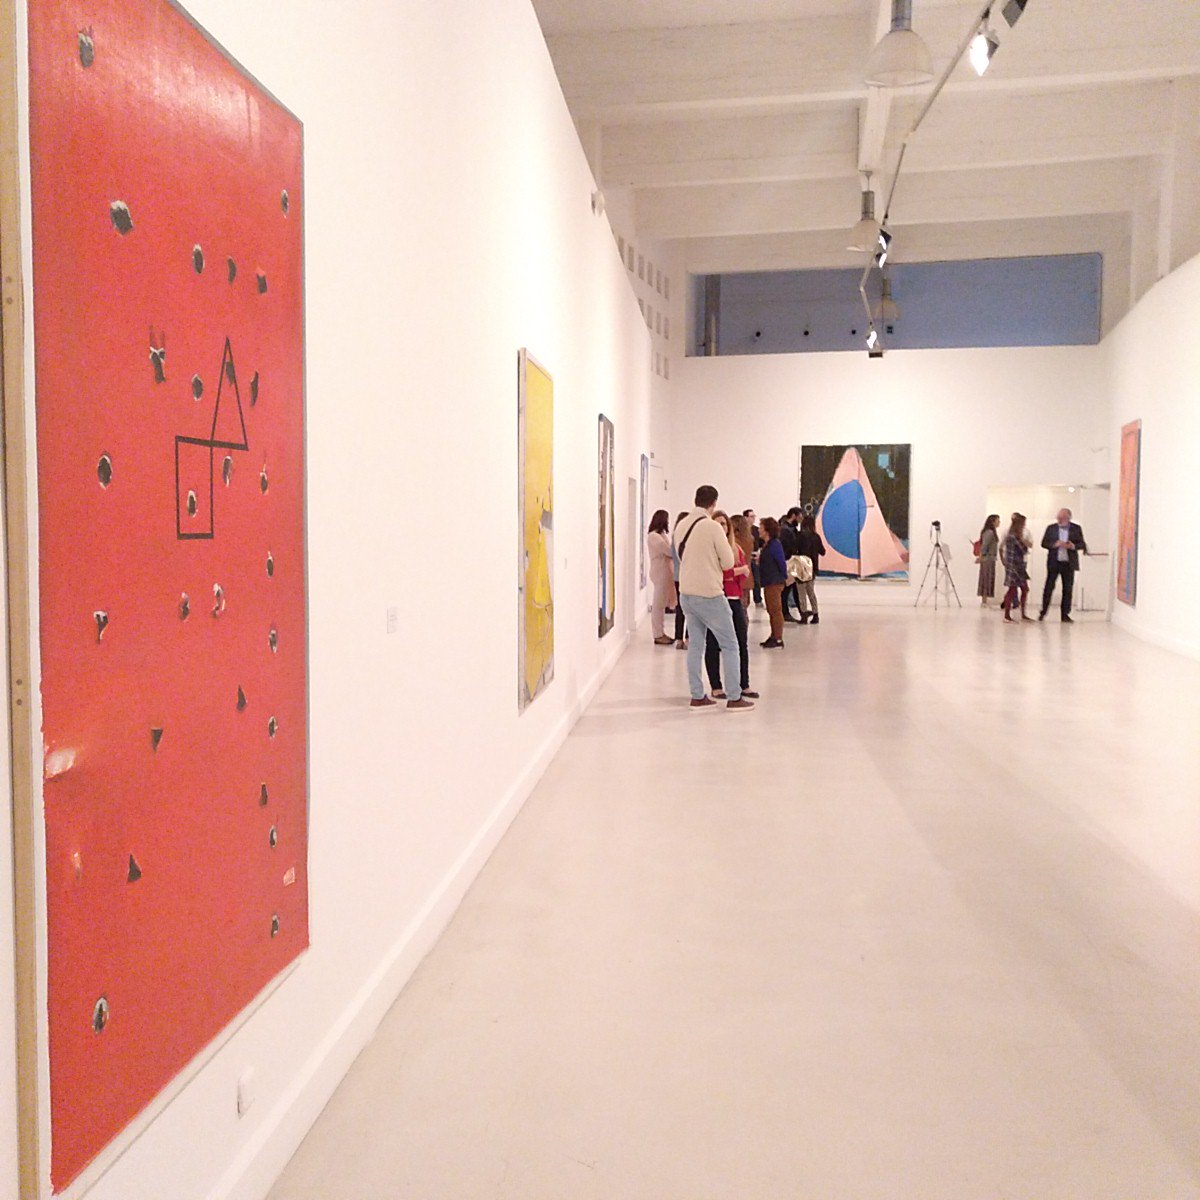 RT @CenacheroCulto: El minimalismo llega al @cacmalaga de la mano de Rubén Guerrero. https://t.co/qEkj6Y6T4L https://t.co/ACDZLmbCE6